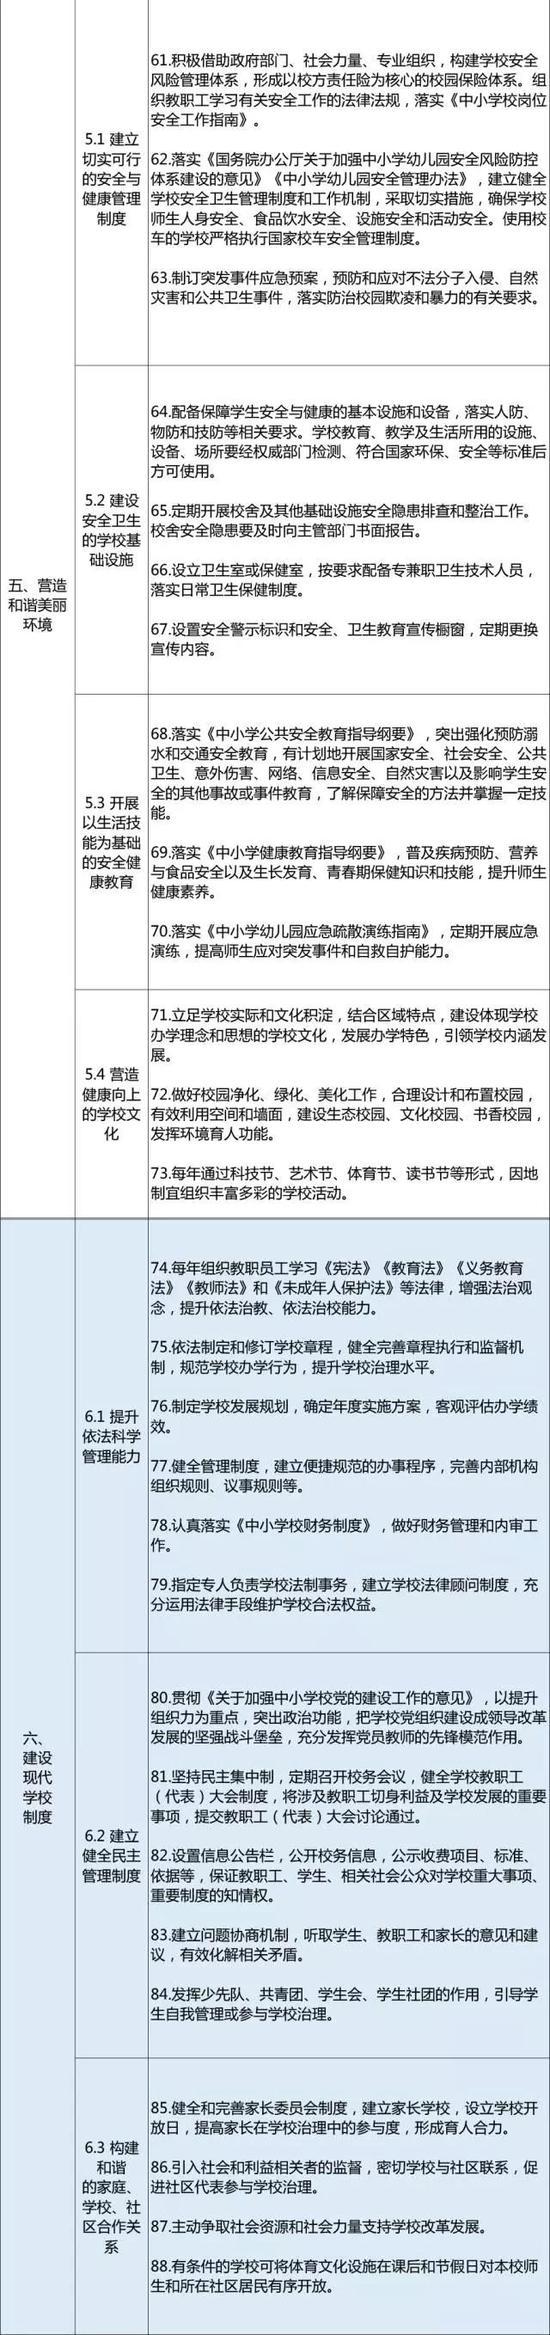 关于义务教育学校管理标准88条关键内容